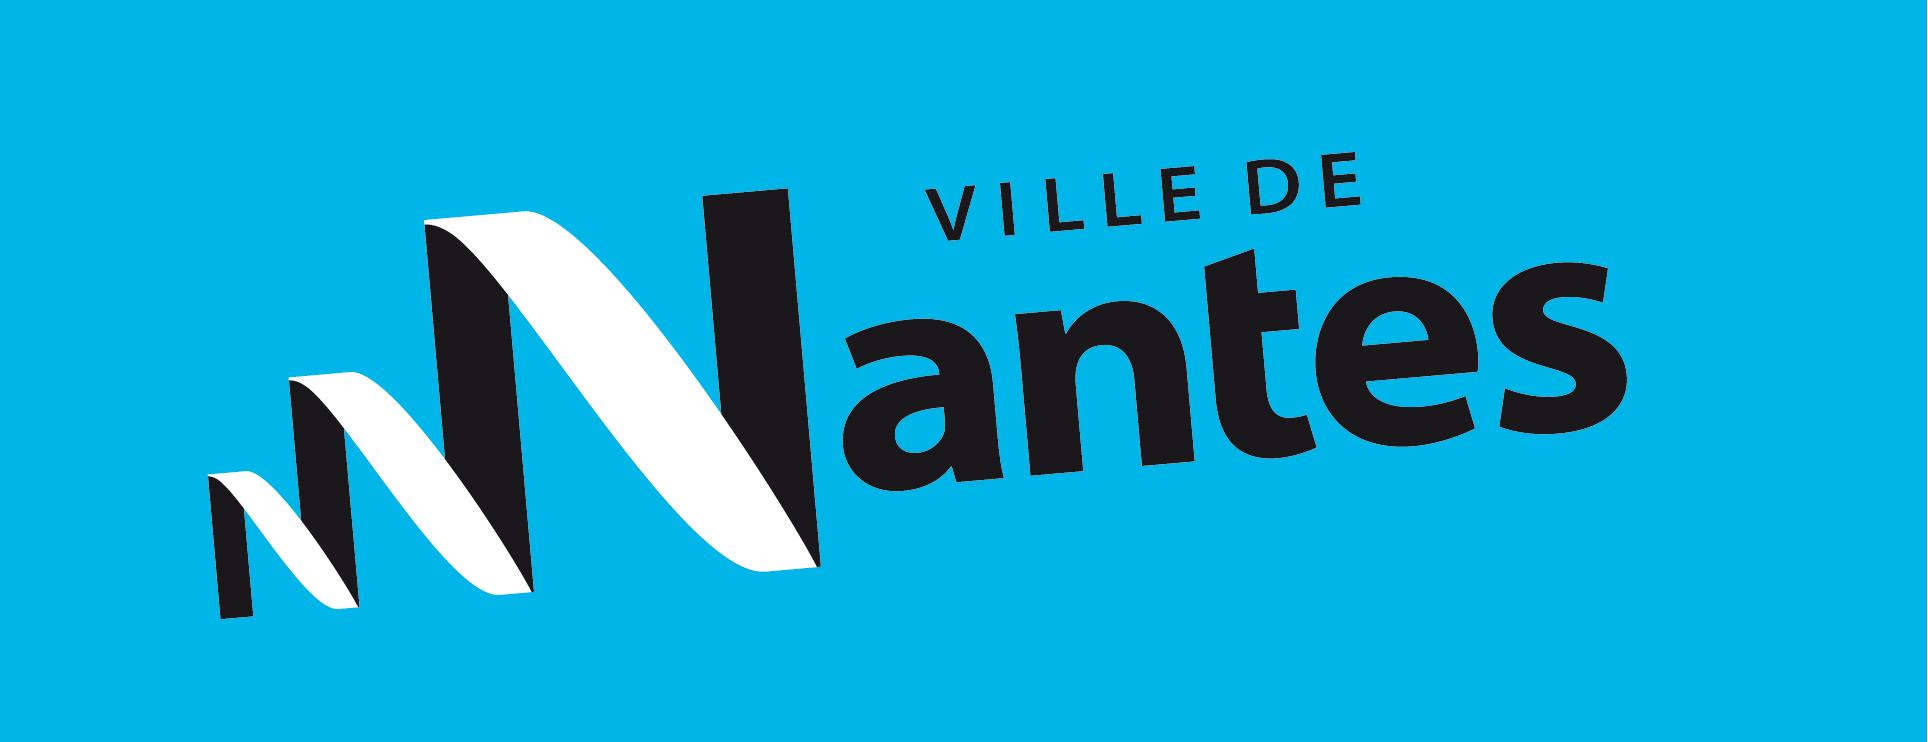 VDN_logo_partenaires_bleu-web